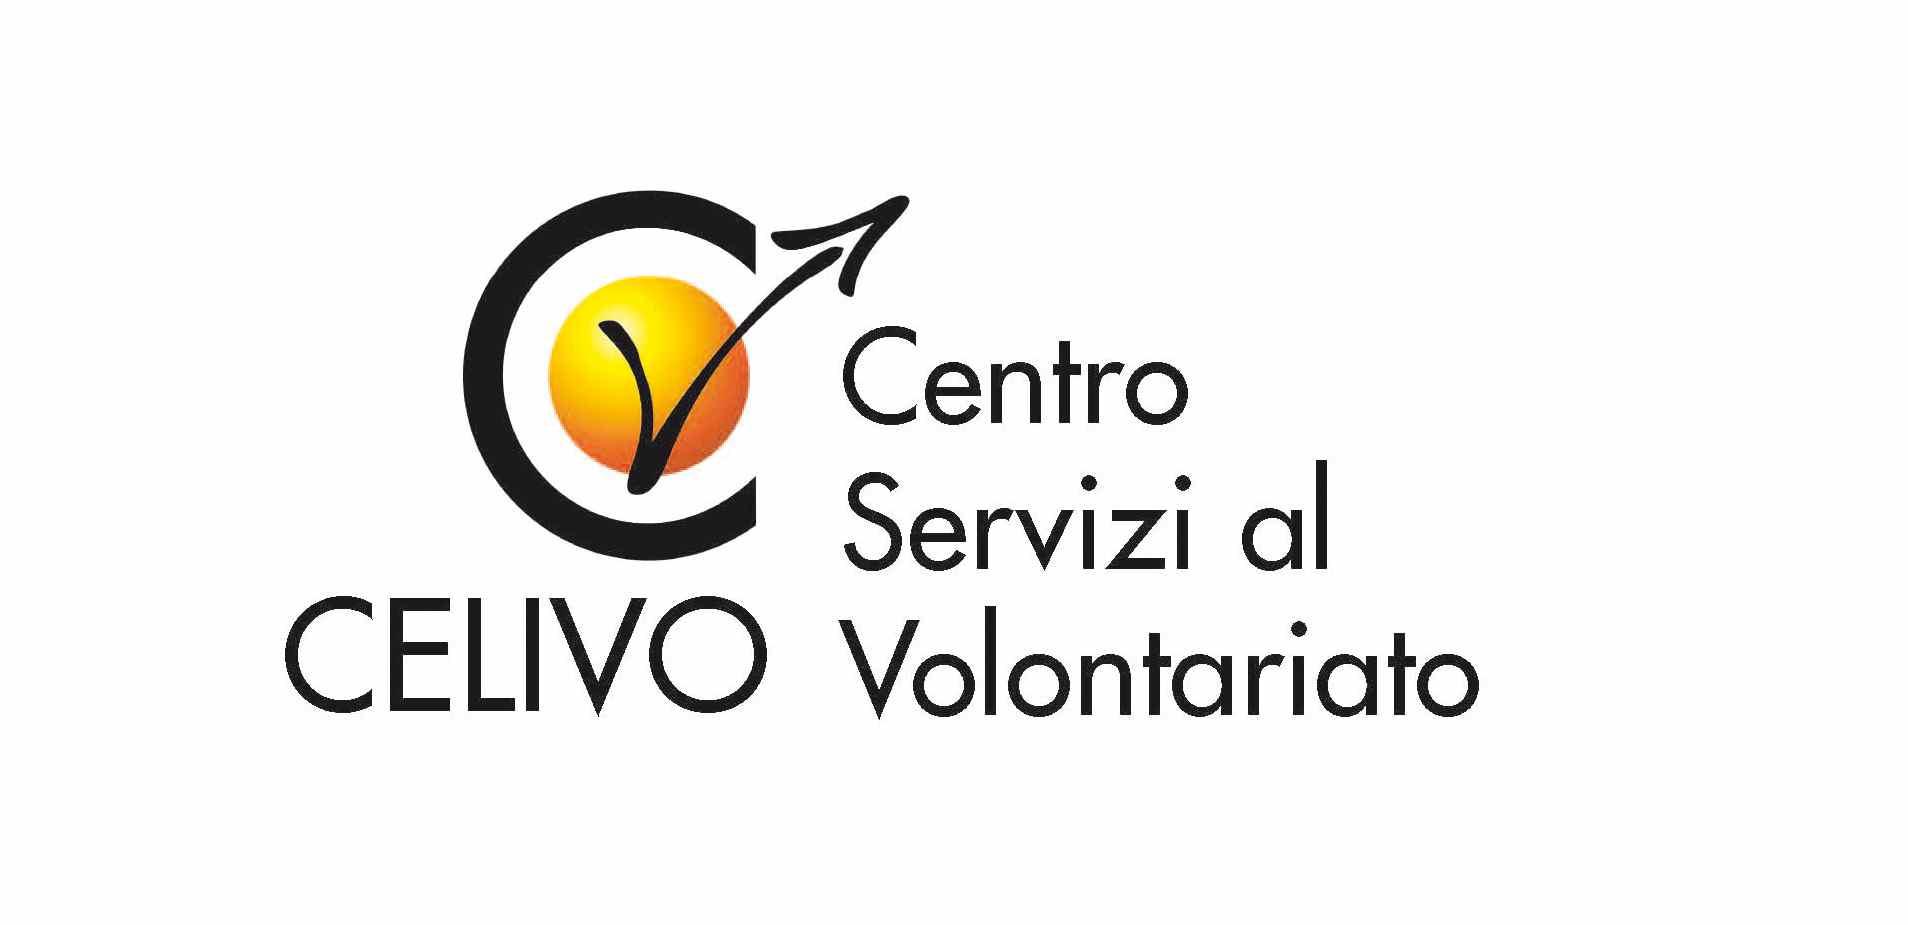 logo Celivo